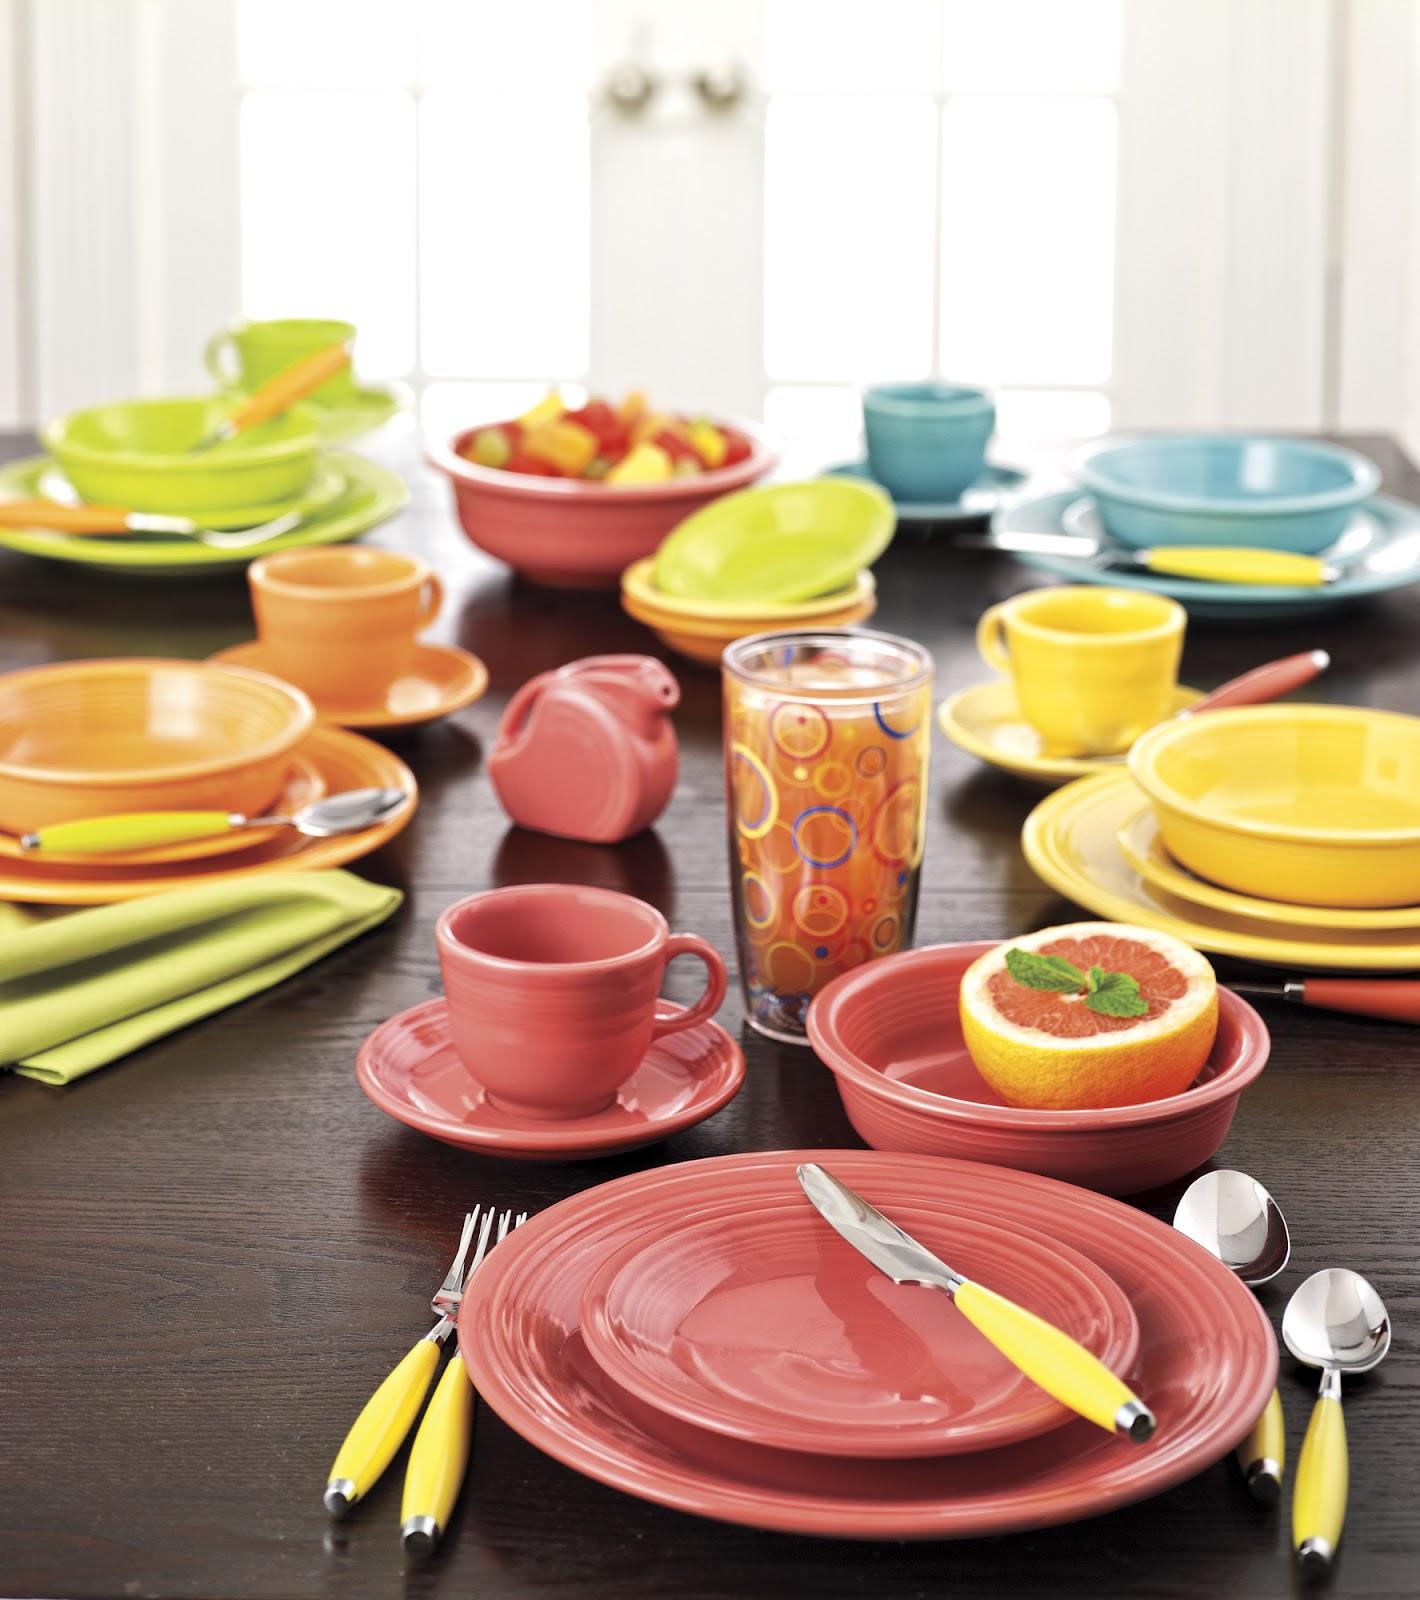 料理はちょっぴり苦手でも、可愛い食器で美味しく食べよう!のサムネイル画像